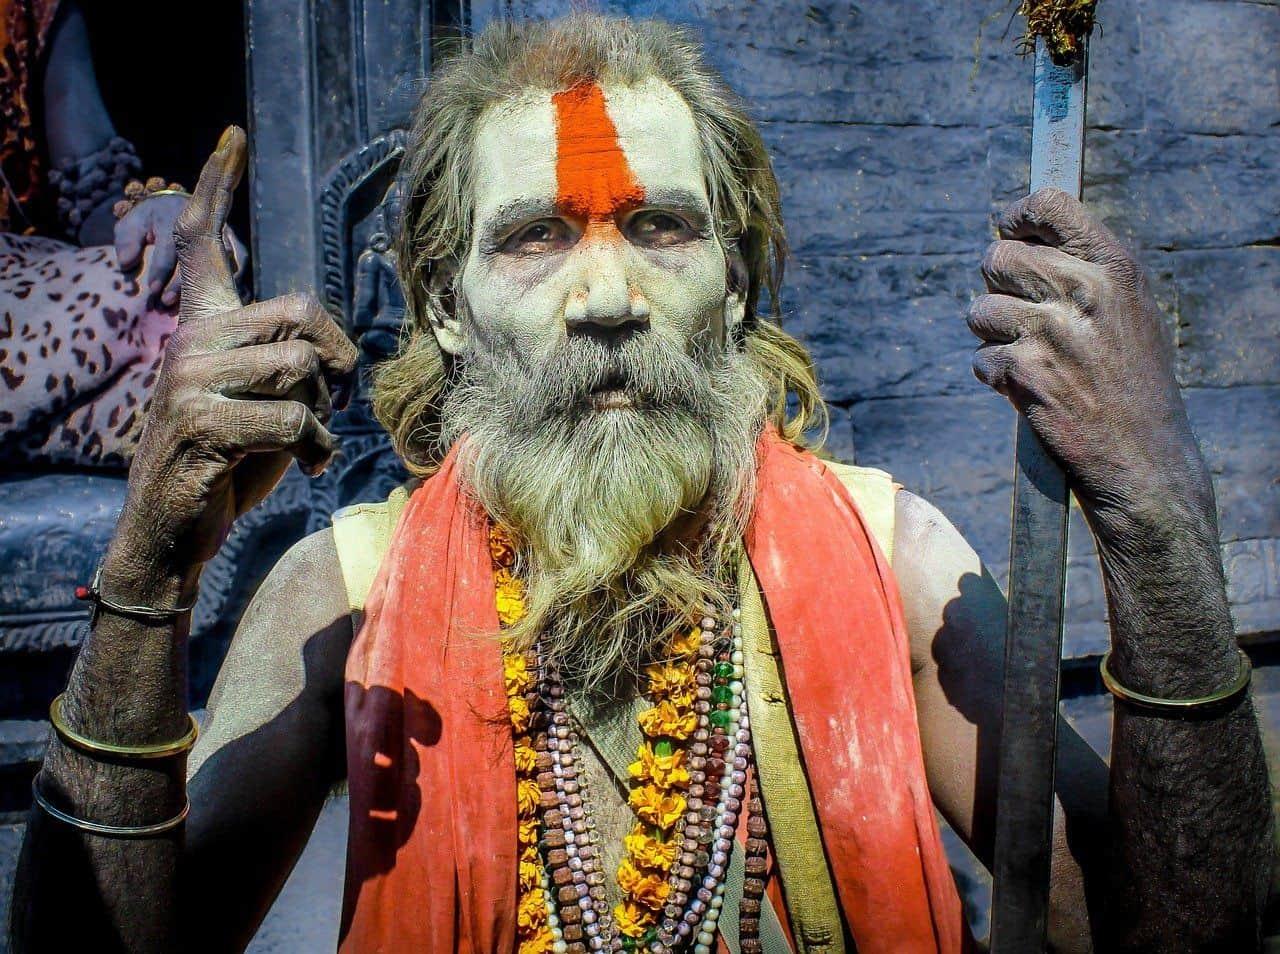 Farben spielen im Hinduismus eine große Rolle